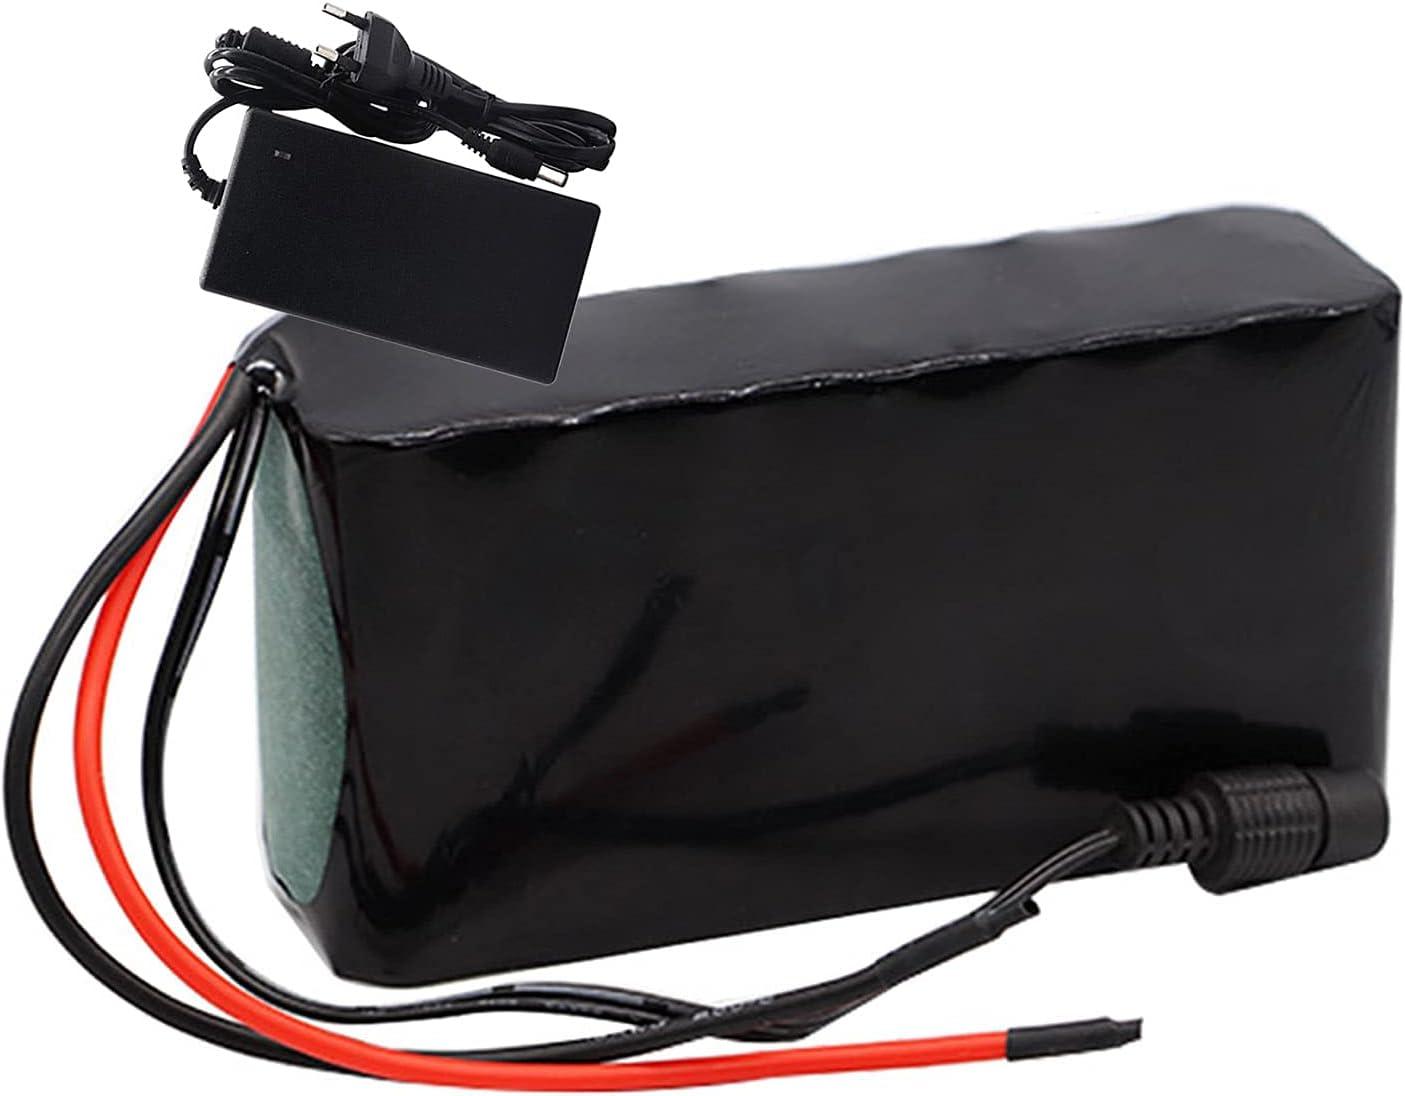 SGSG Paquete de batería de Litio para Bicicleta eléctrica de 24 V 6000 mAh 7S 2P 6AH Batería de Iones de Litio para Motor Dentro de 500 W para Scooters eléctricos Herramientas eléctricas Modelos